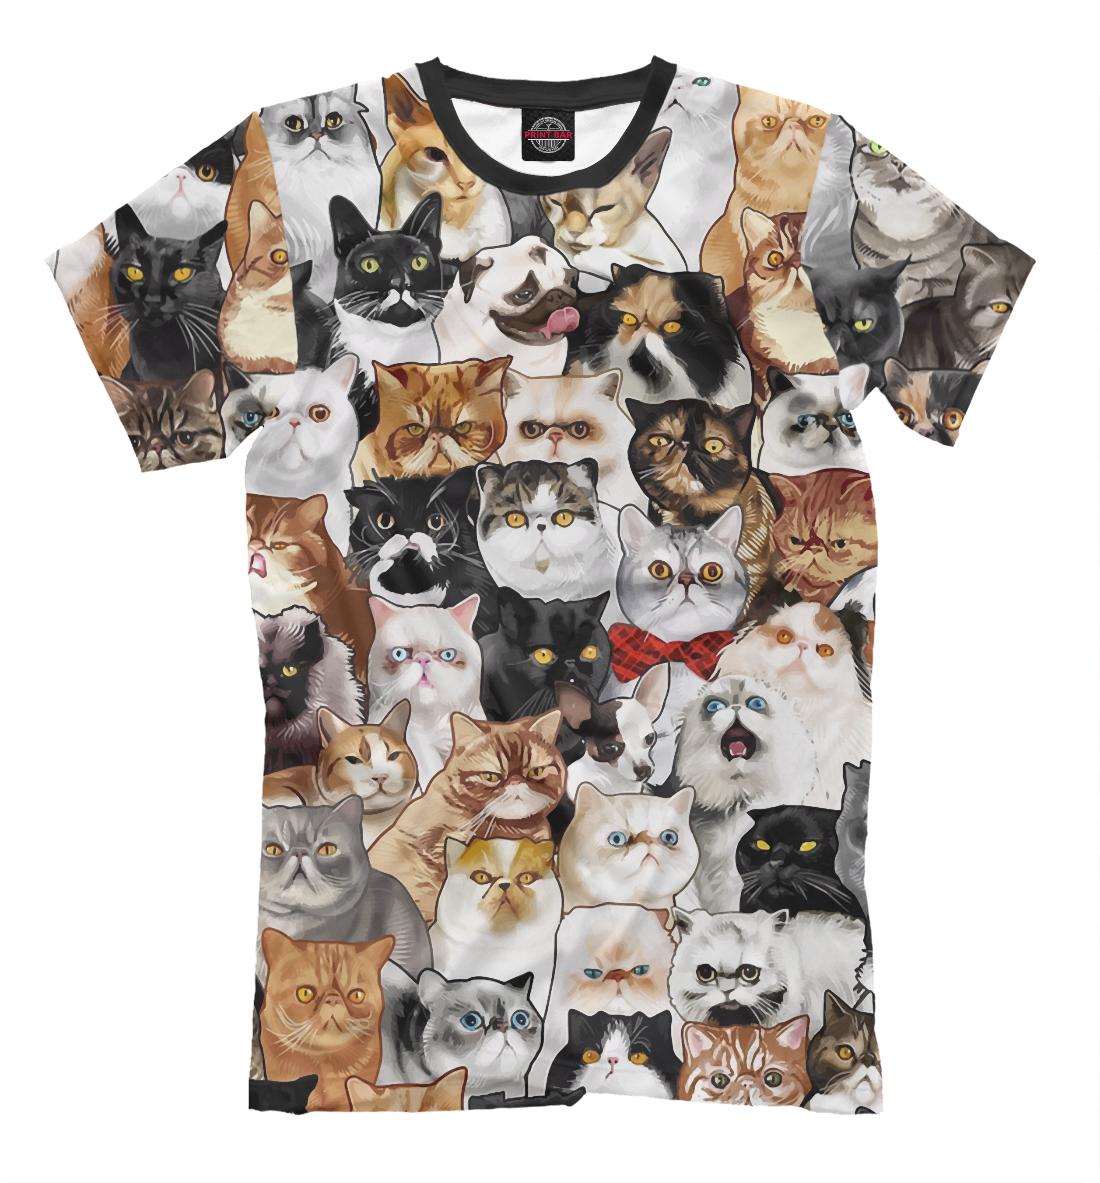 Купить Коты и Мопс, Printbar, Футболки, CAT-669180-fut-2